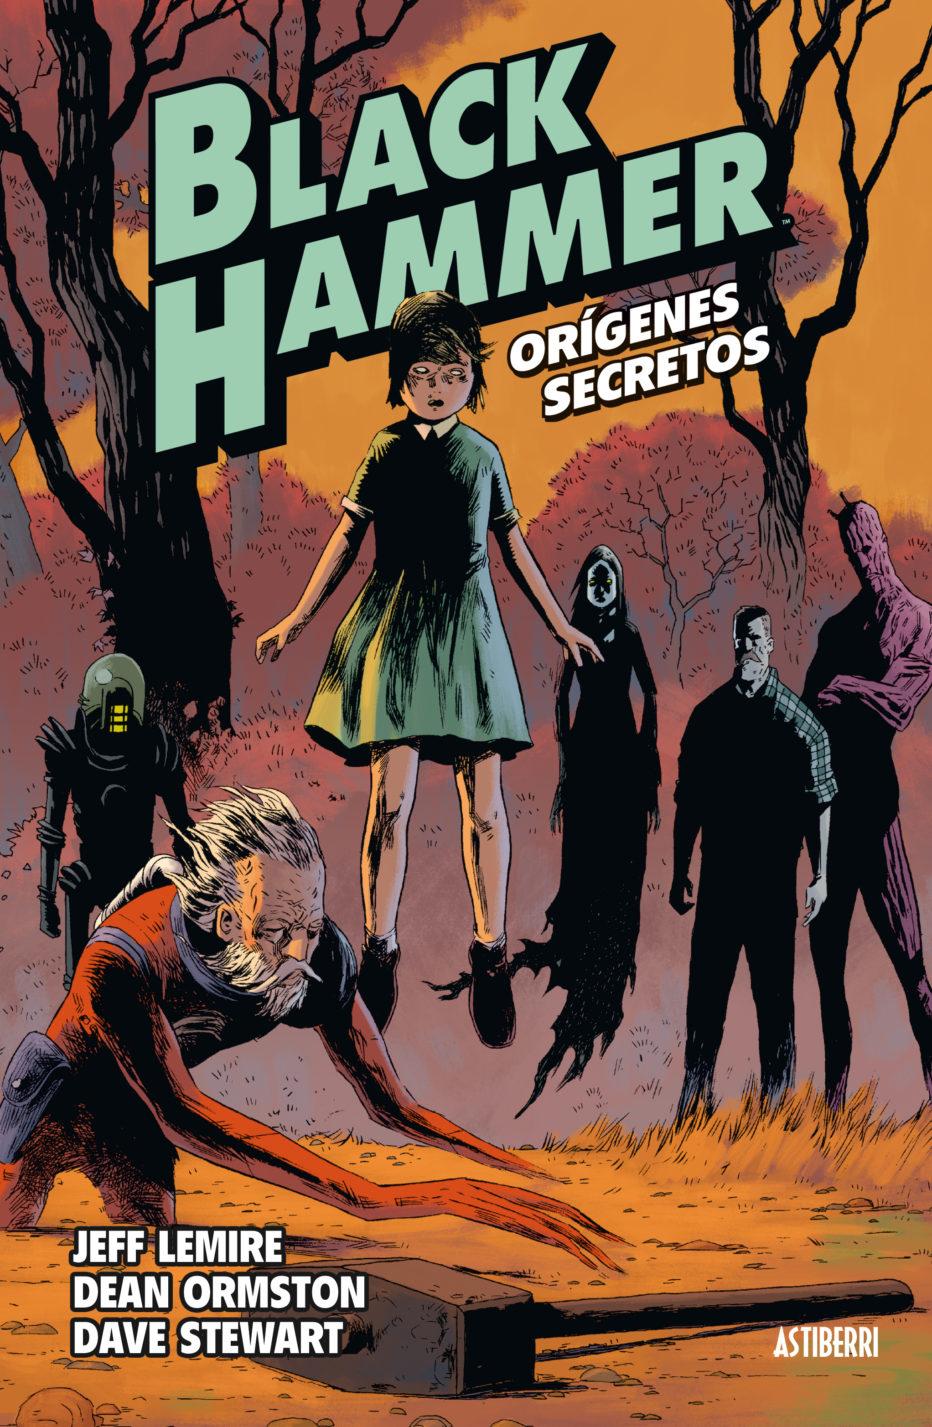 El cómic Black Hammer prepara el salto a TV y cine de la mano de Legendary (by /Film)